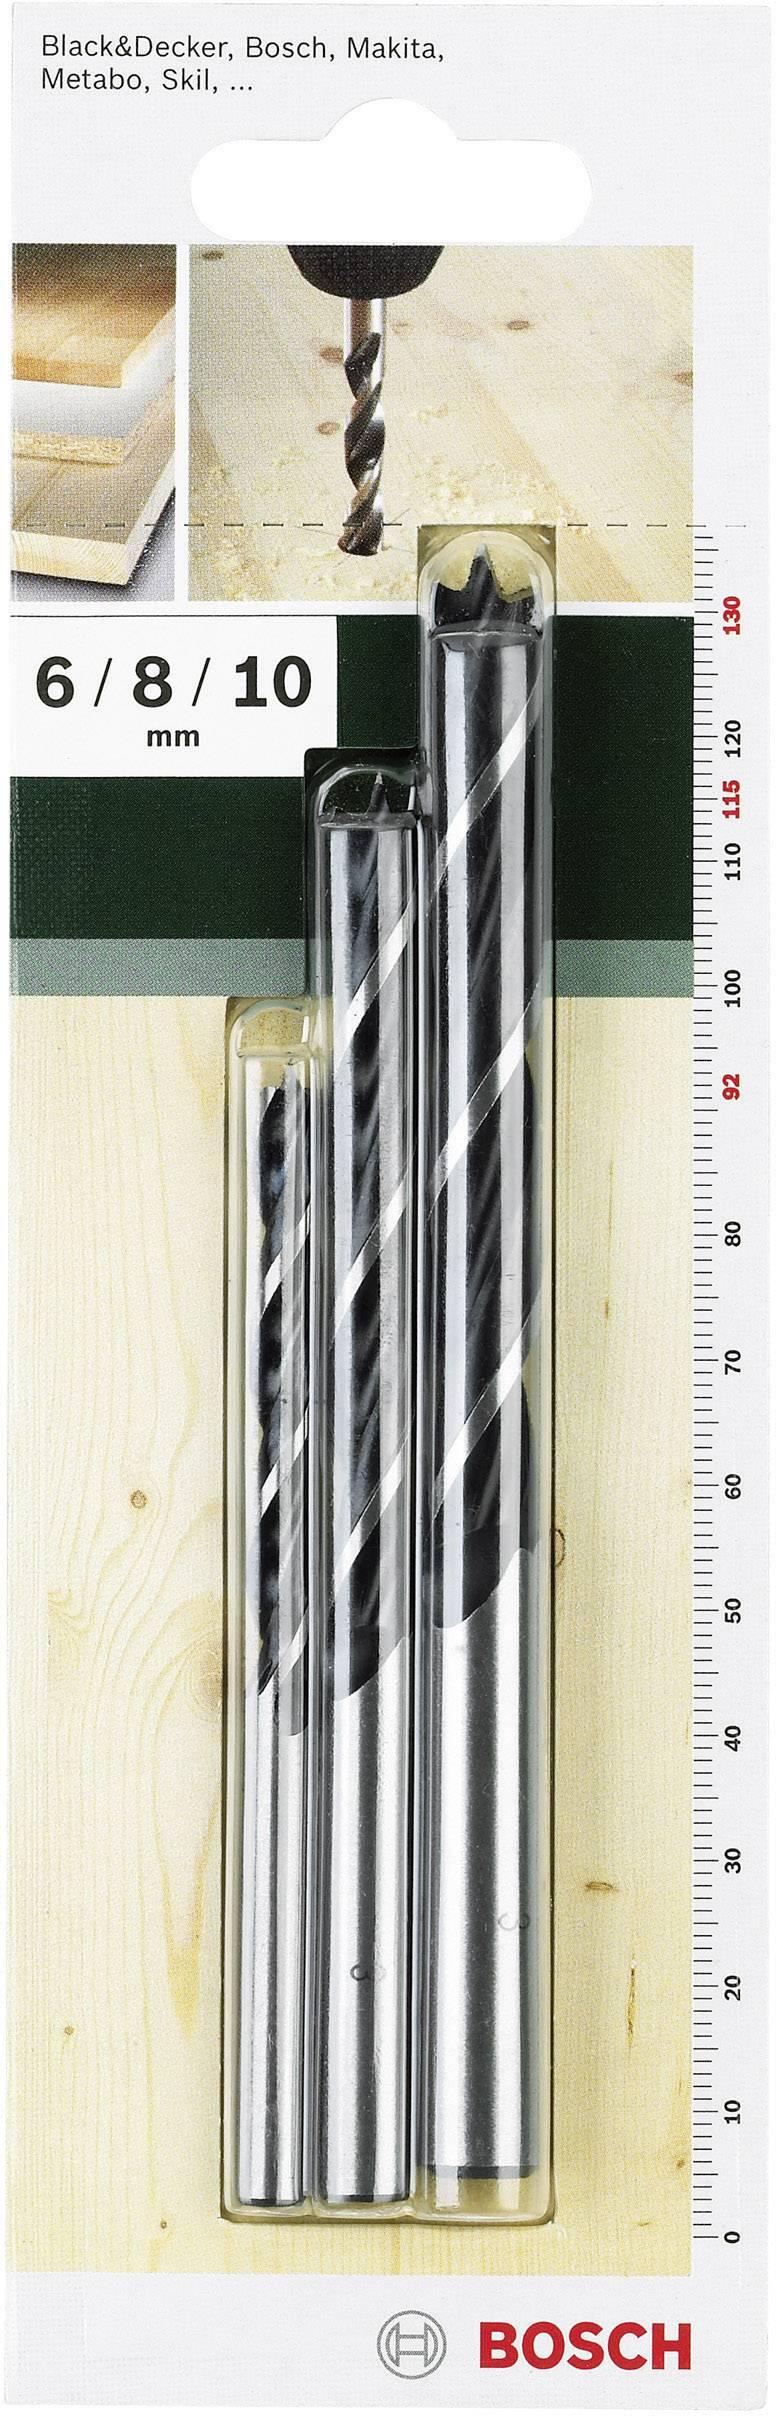 Bosch Accessories Holz-Spiralbohrer-Set 3teilig 2609255308 Zylinderschaft 1 Set